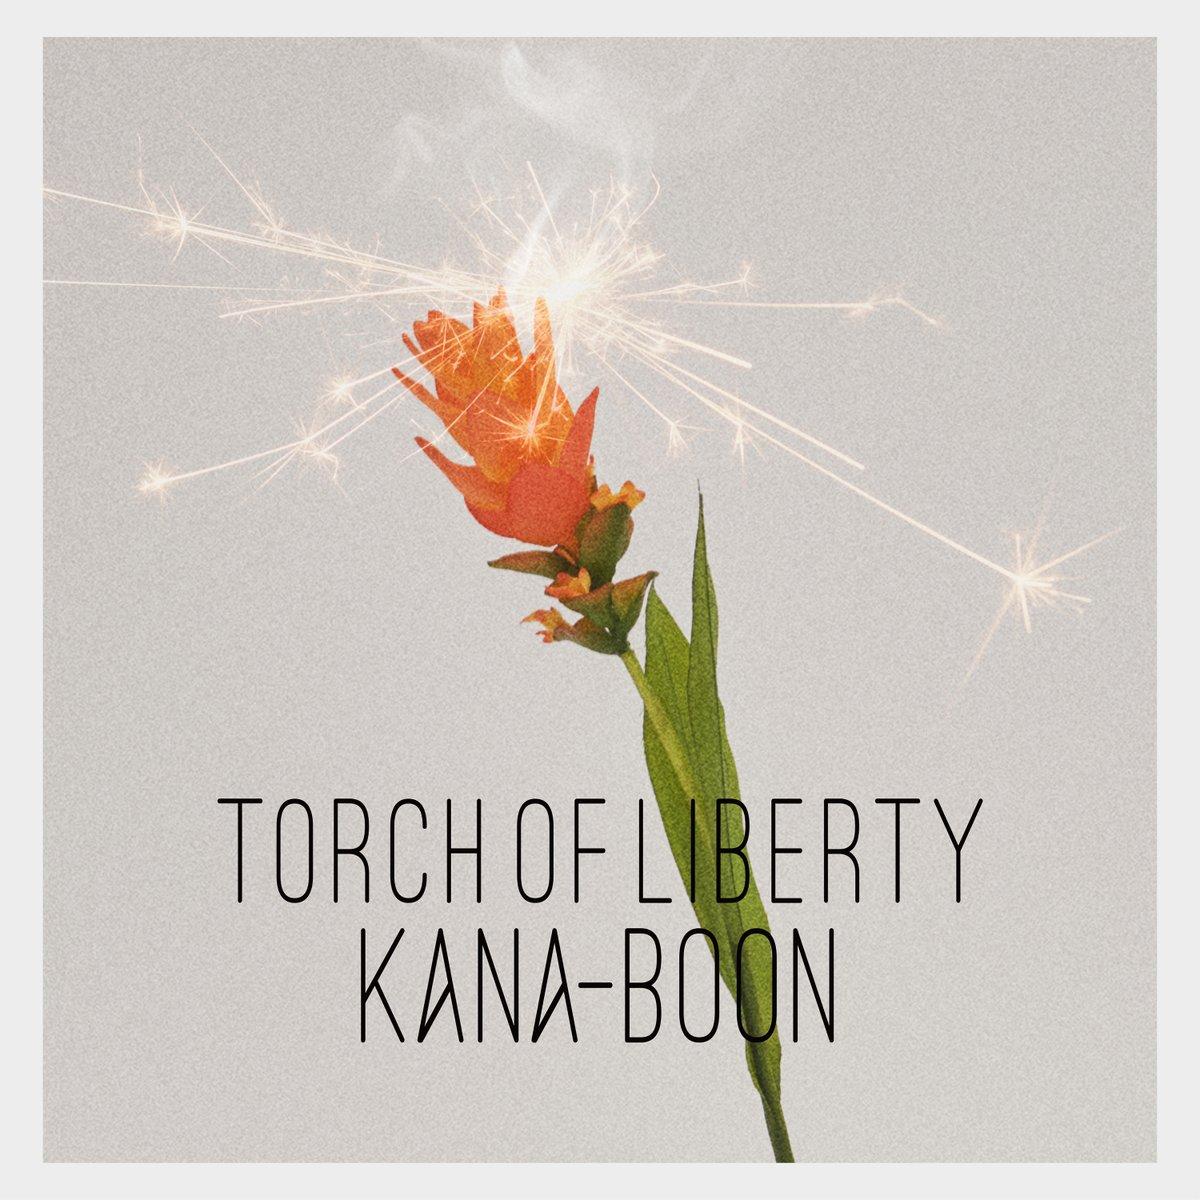 『KANA-BOON - センチネル』収録の『Torch of Liberty』ジャケット